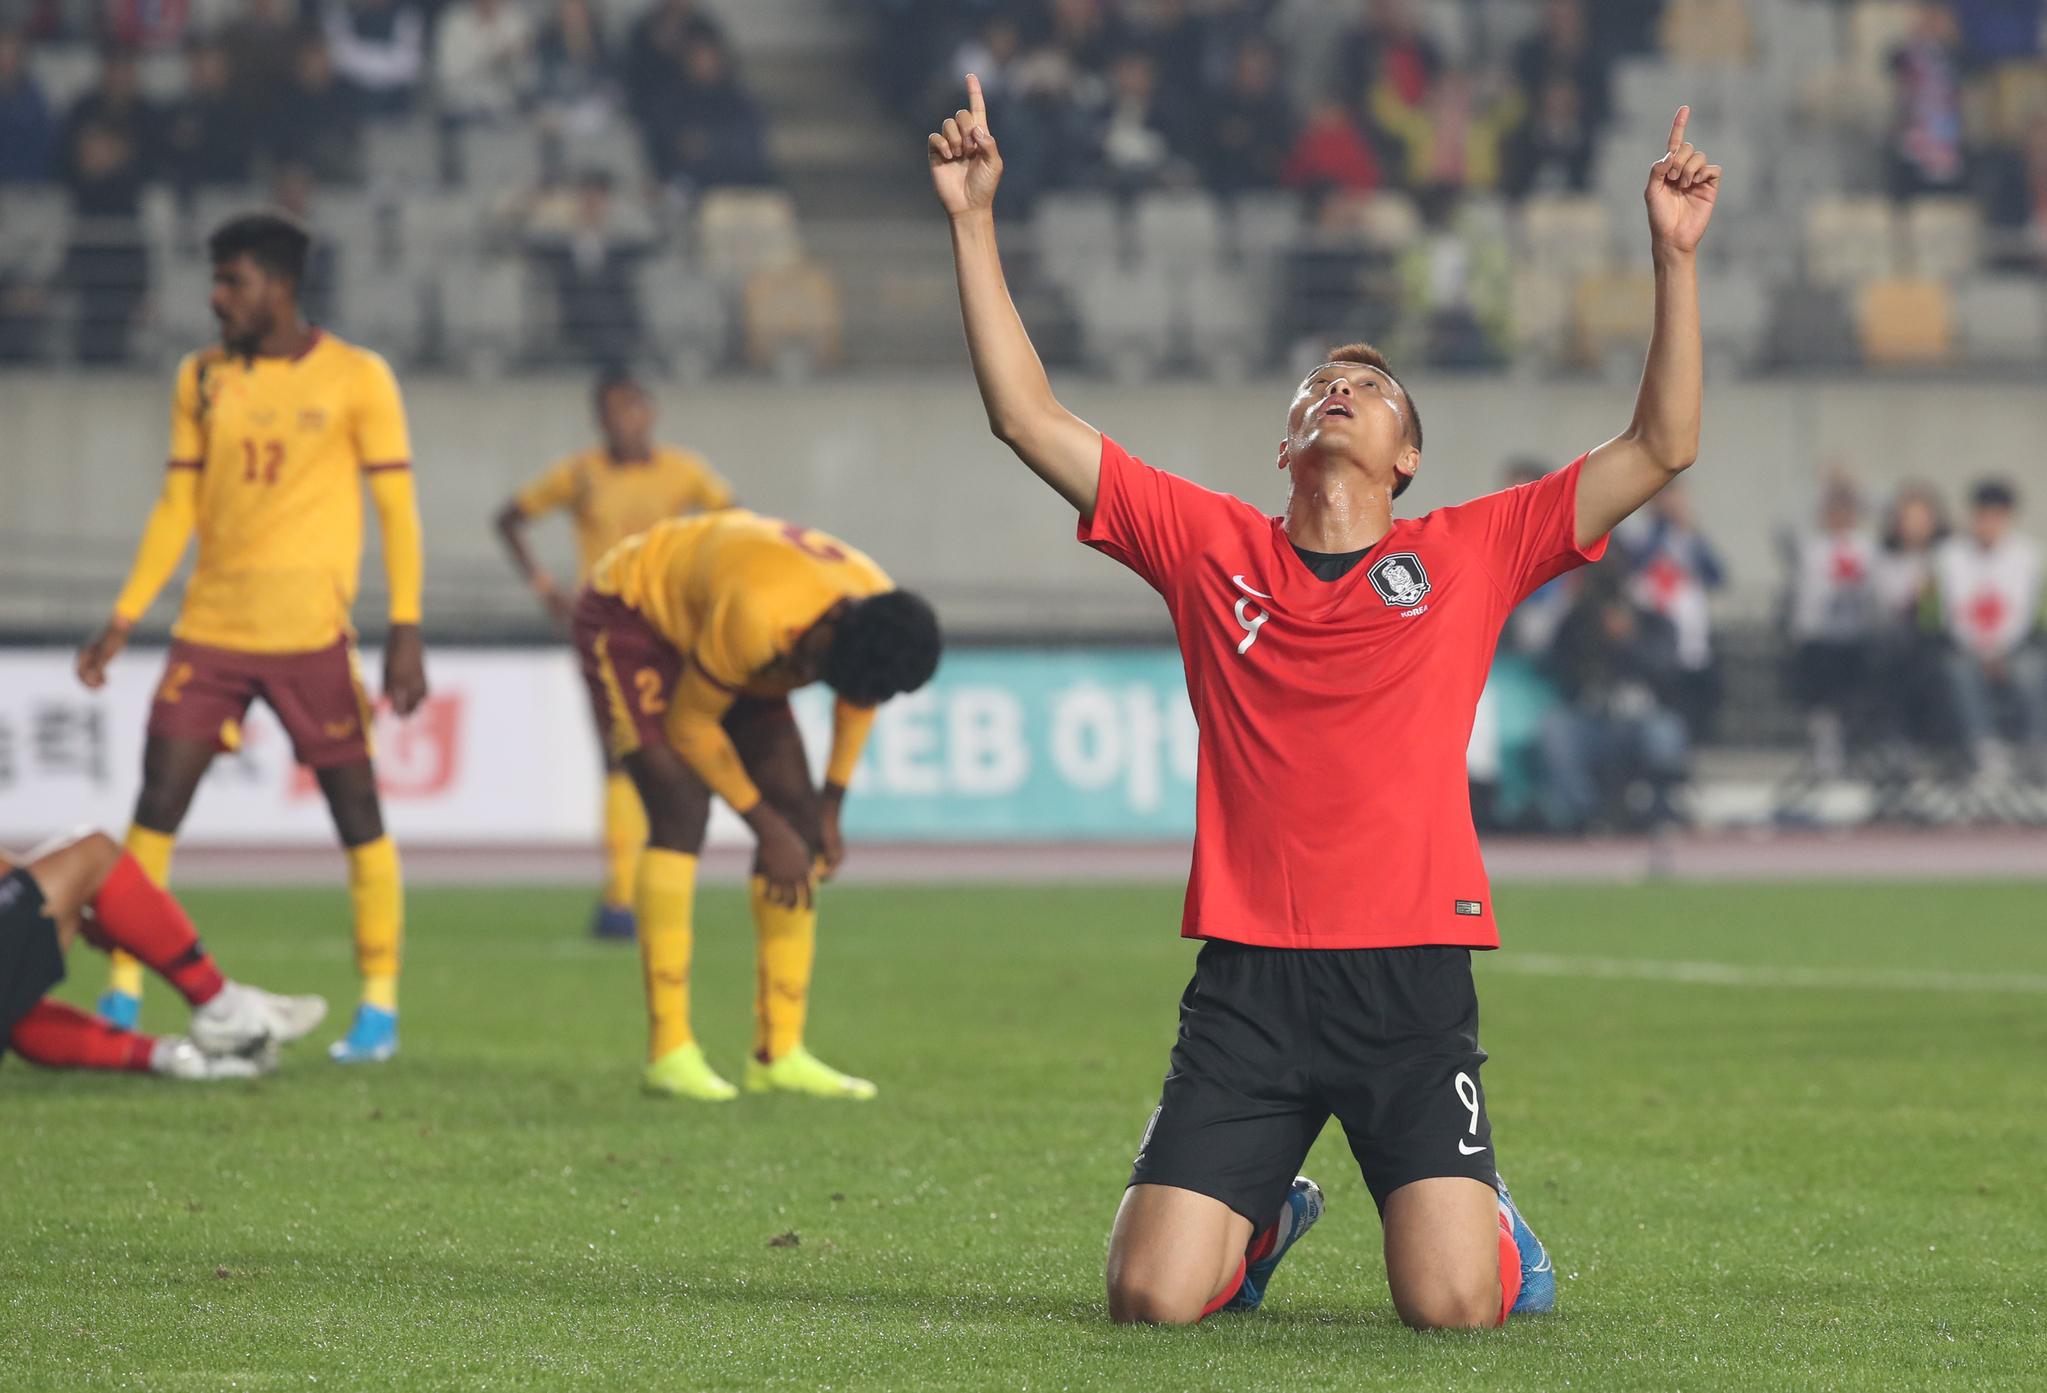 김신욱이 10일 경기 화성종합경기타운 주경기장에서 열린 2022년 카타르 월드컵 아시아지역 2차 예선 H조 2차전 한국 대 스리랑카 경기에서 두 번째 골에 이어 네 번째 골을 헤딩으로 넣은 뒤 기뻐하고 있다. 김신욱은 이날 경기에서 4골을 넣었다. [연합뉴스]